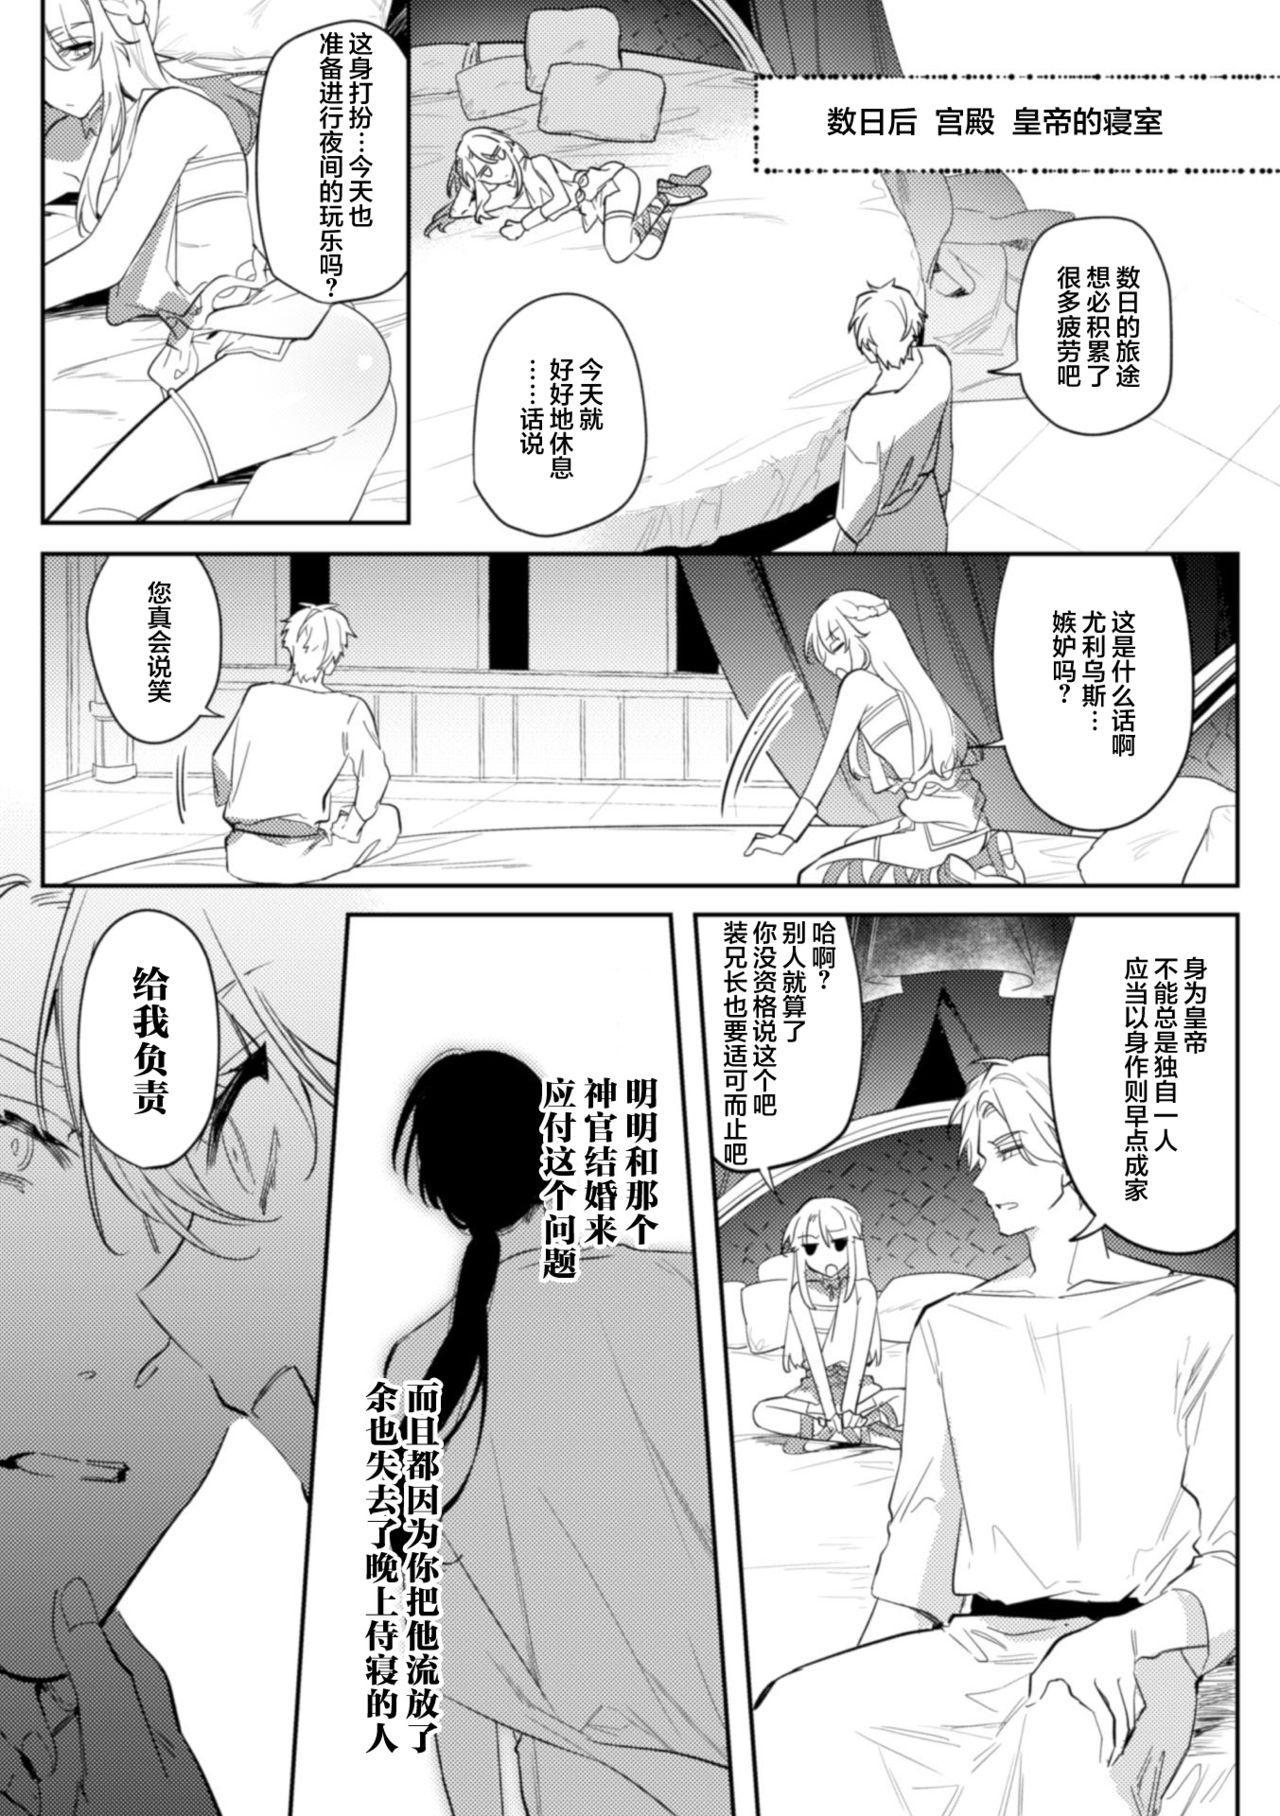 [Hagiyoshi] Intou Kyuuteishi ~Intei to Yobareta Bishounen~ Ch. 2Chinese]【不可视汉化】 4